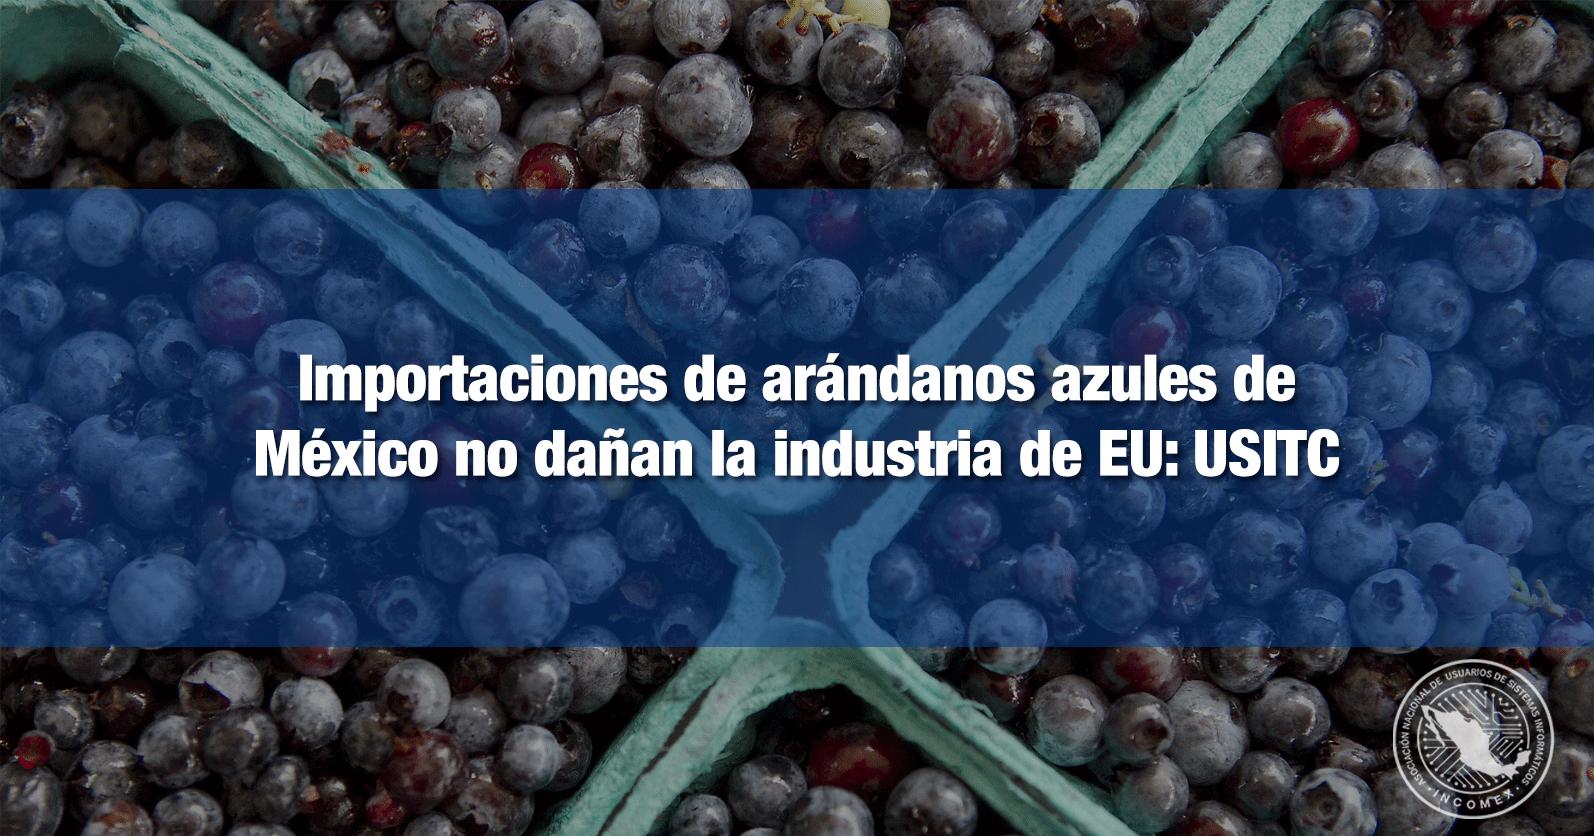 Importaciones de arándanos azules de México no dañan la industria de EU: USITC